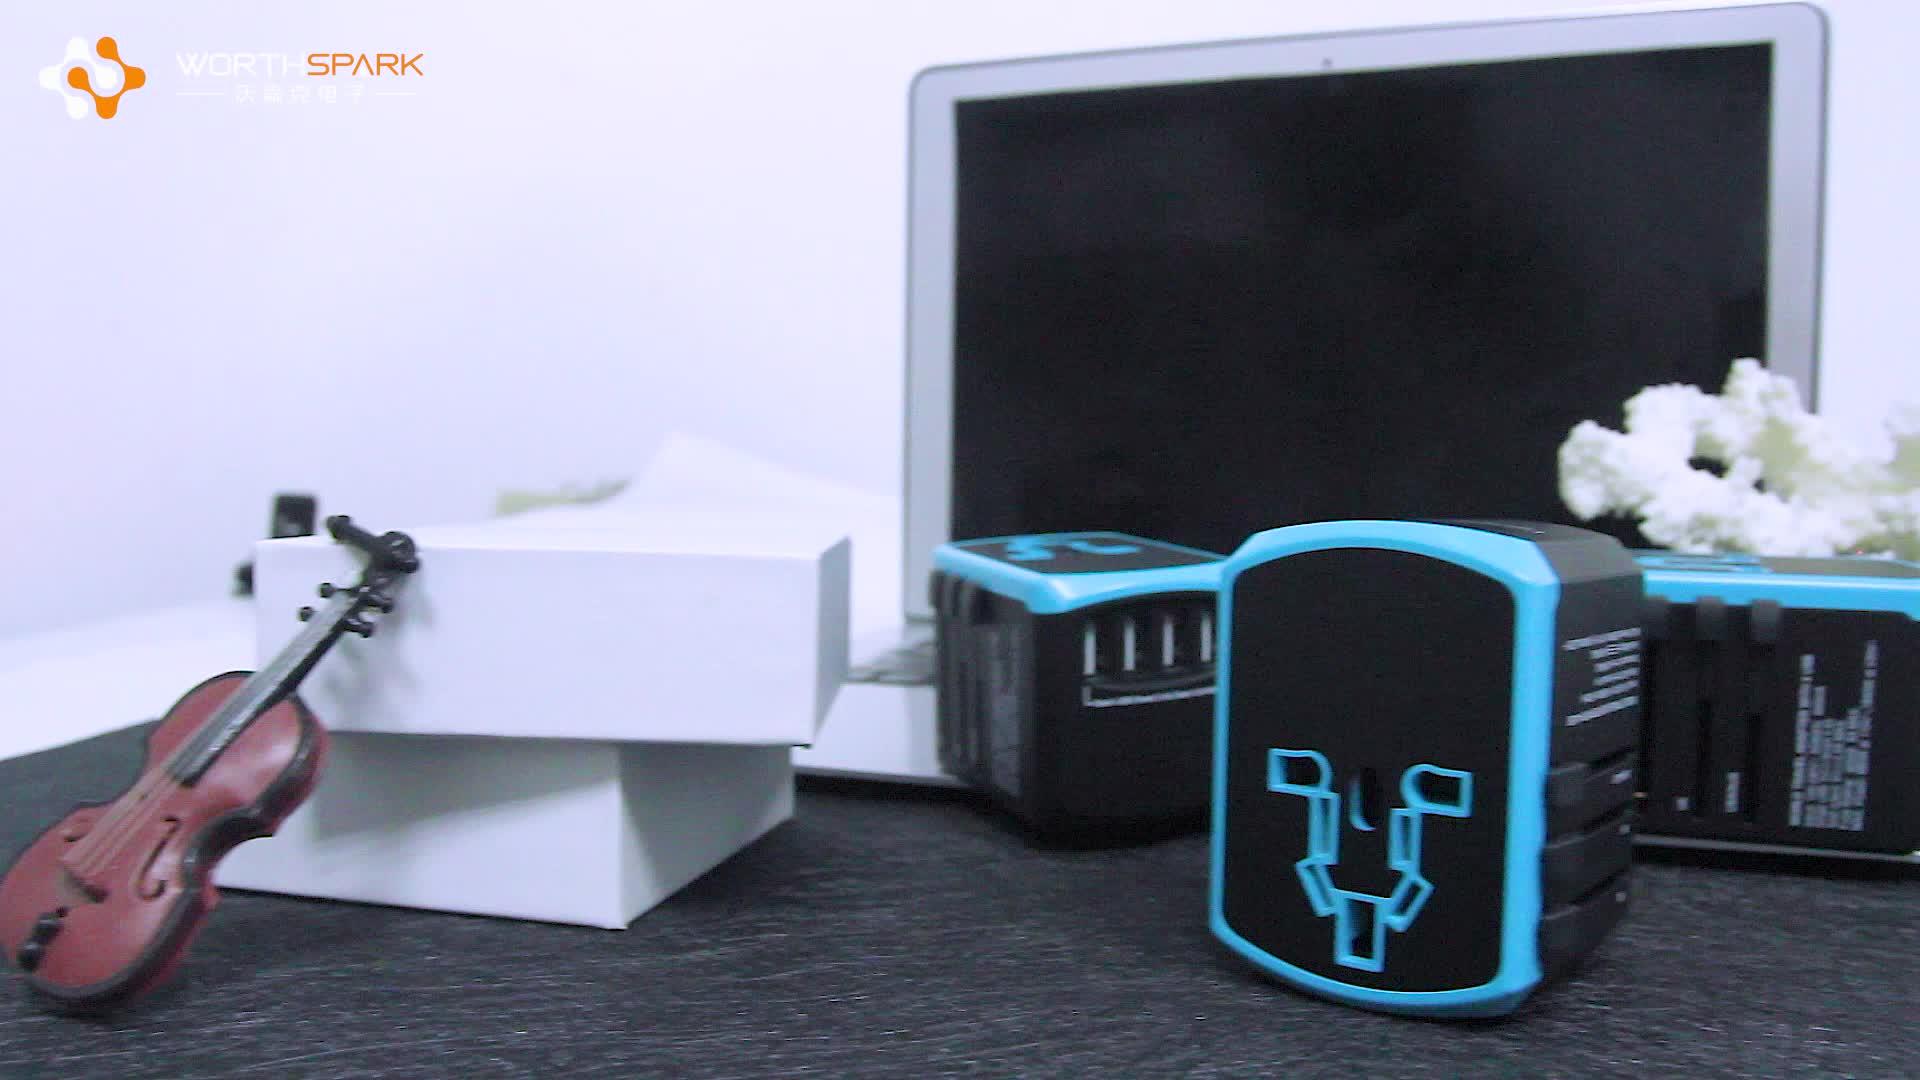 Uluslararası Seyahat Adaptörü AB AUS İNGILTERE ABD Fiş Soket Evrensel Hızlı Şarj Küresel Seyahat Adaptörü 4 Port USB